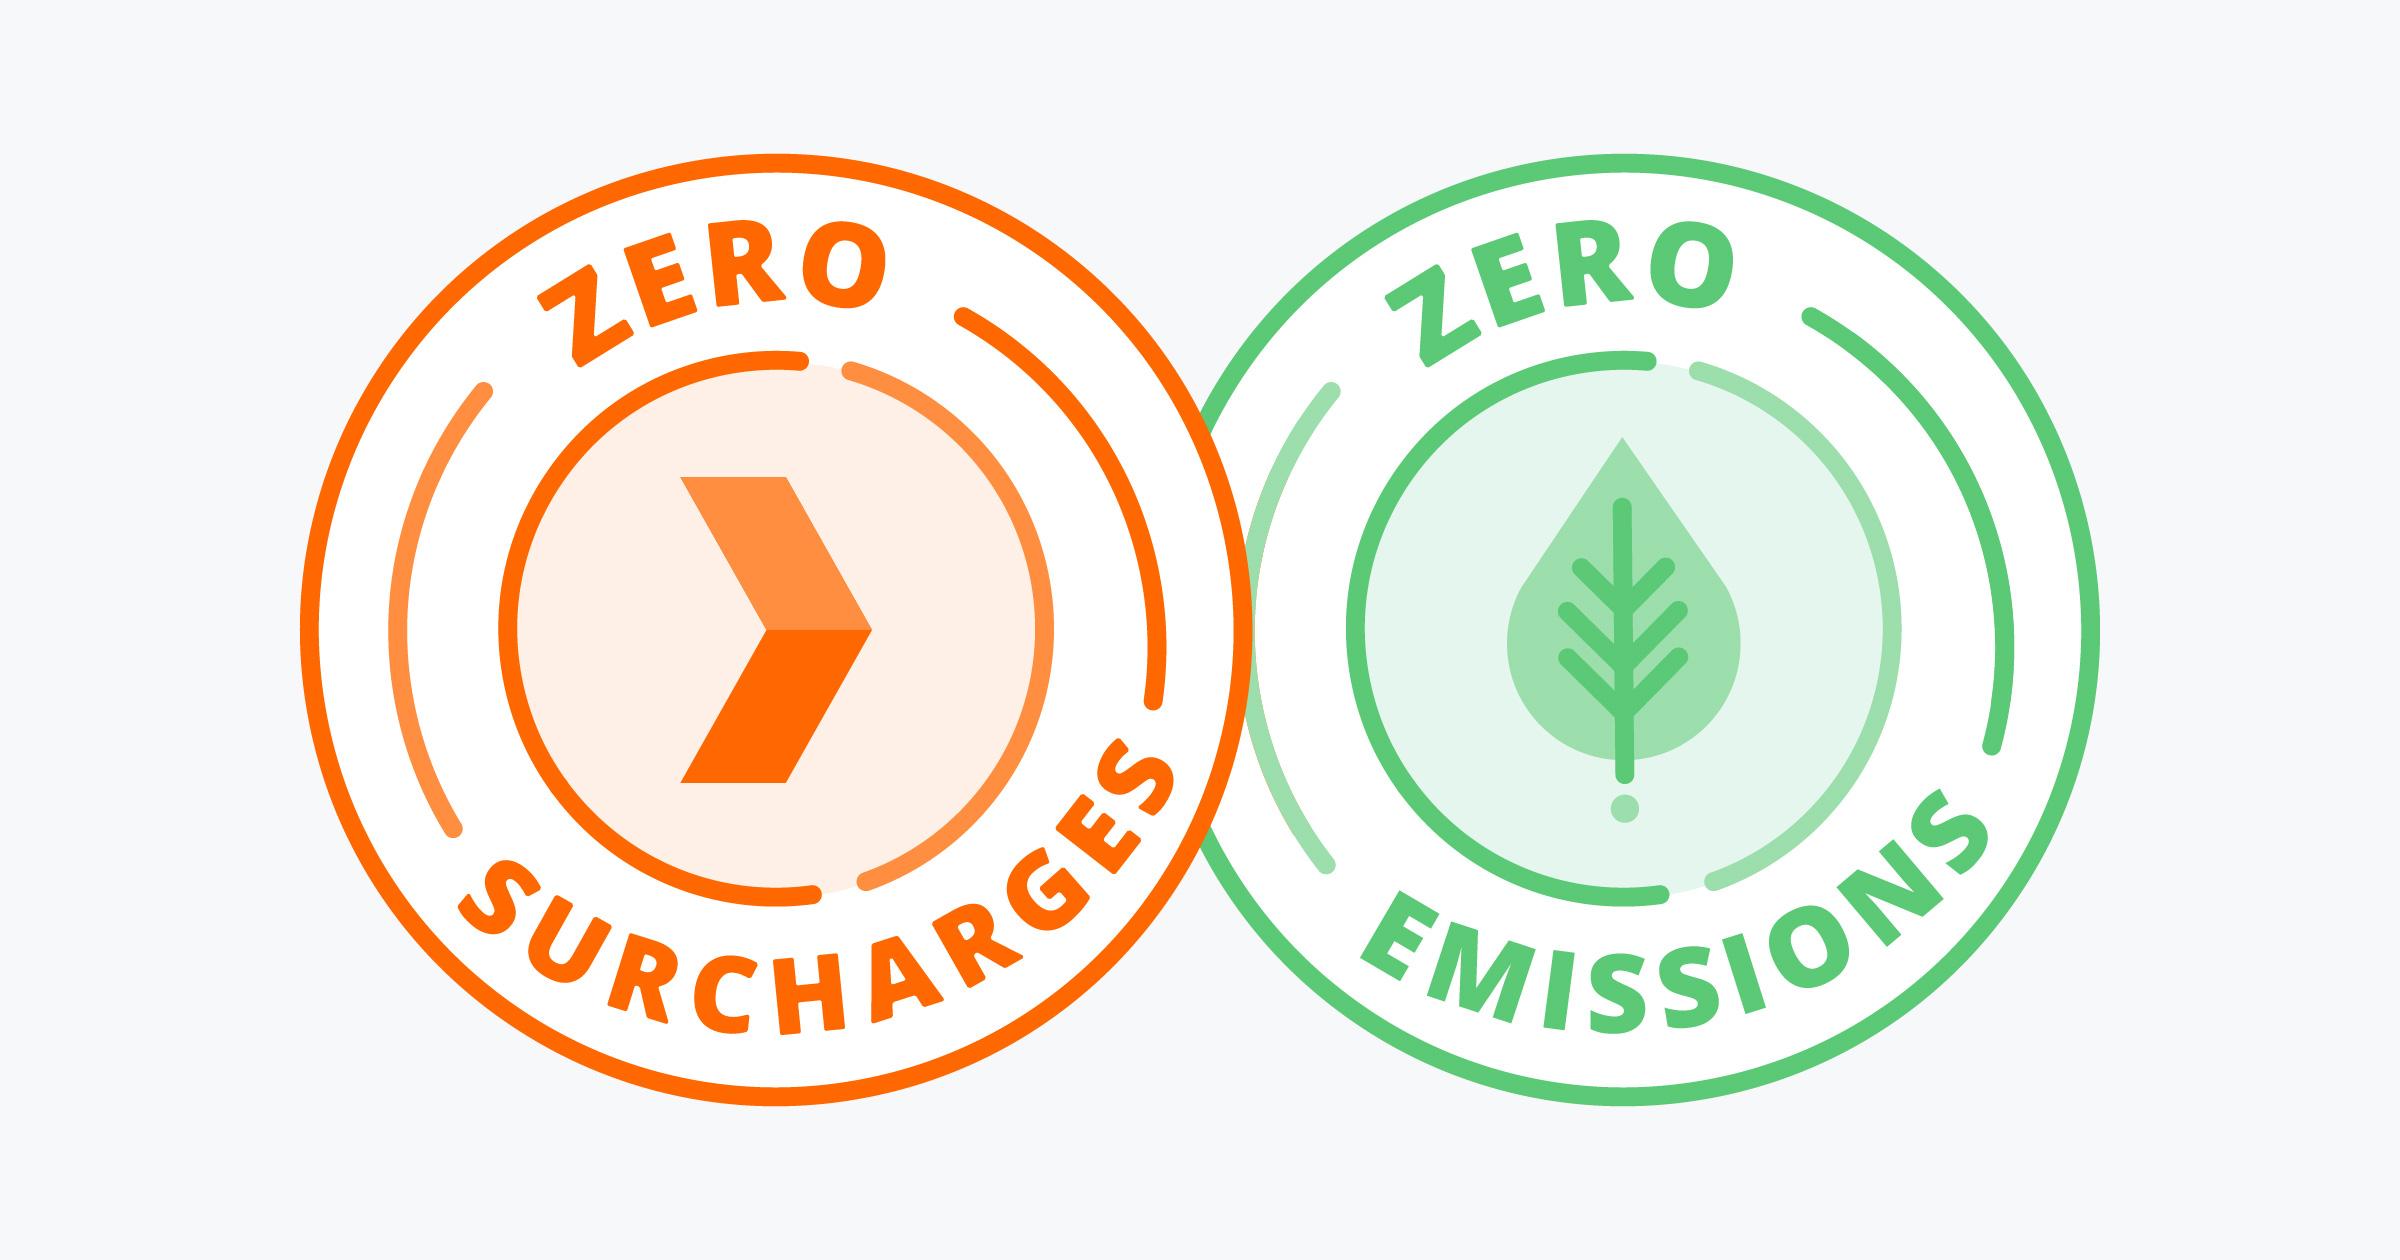 Sendle Zero Surcharges